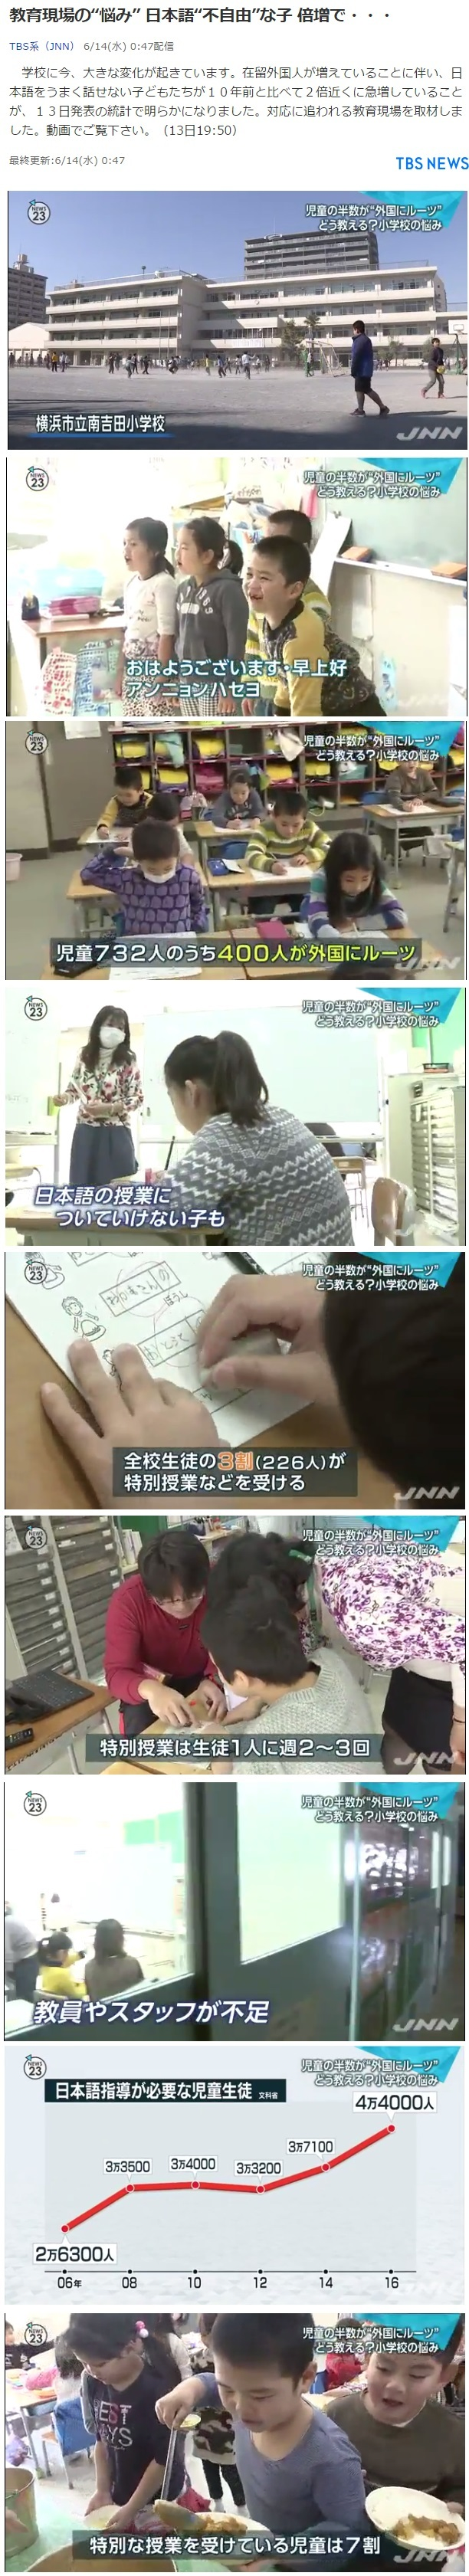 日本の学校に通う日本語が出来ない外国人の子供に振り回される教育現場1